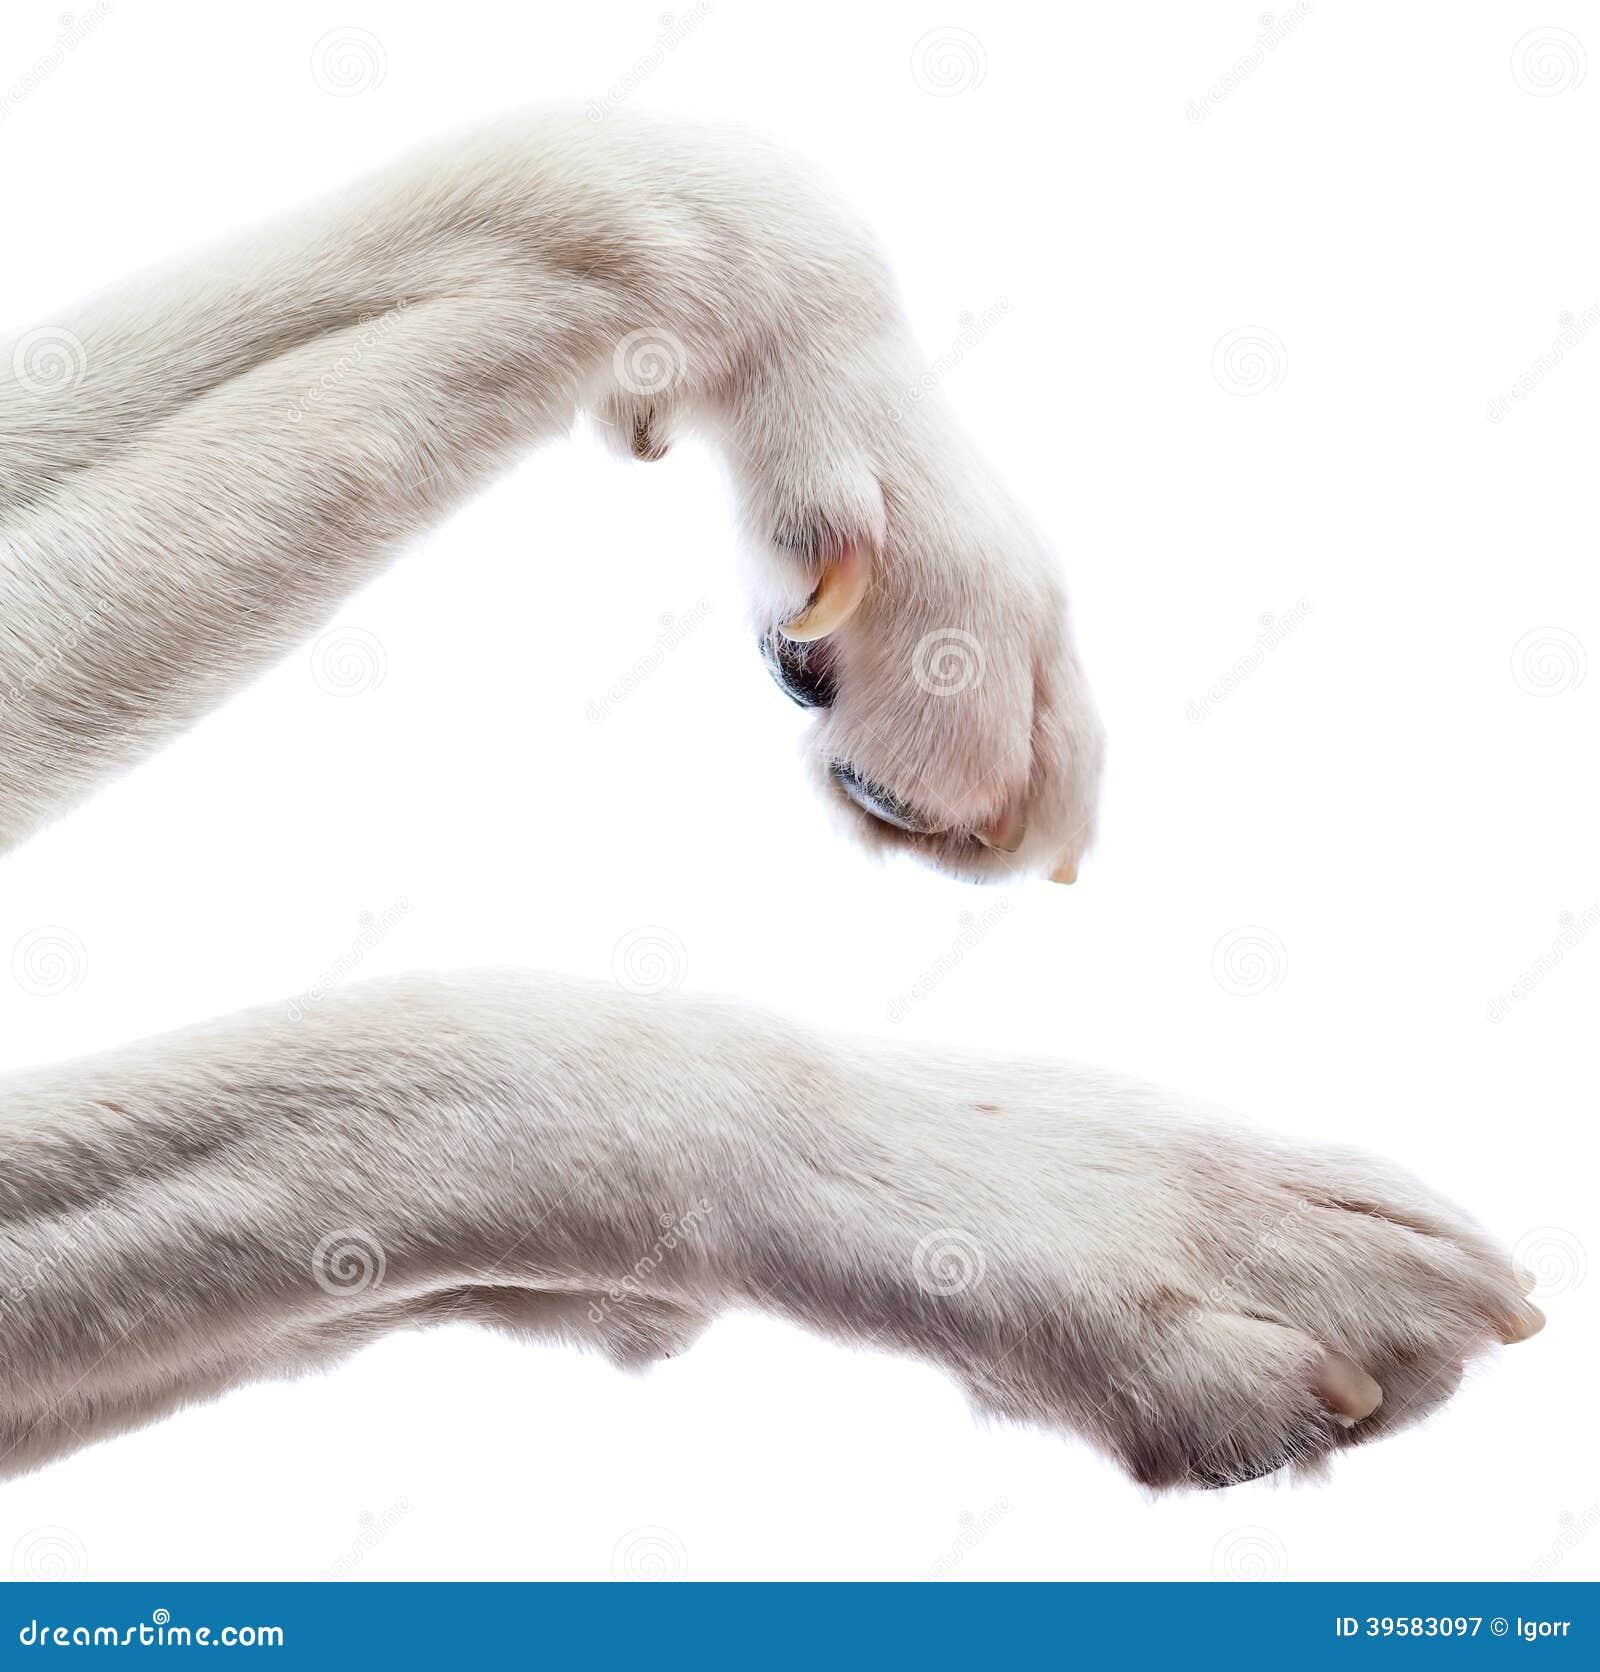 Zampe di un cane immagine stock immagine di isolato - Colorazione immagine di un cane ...